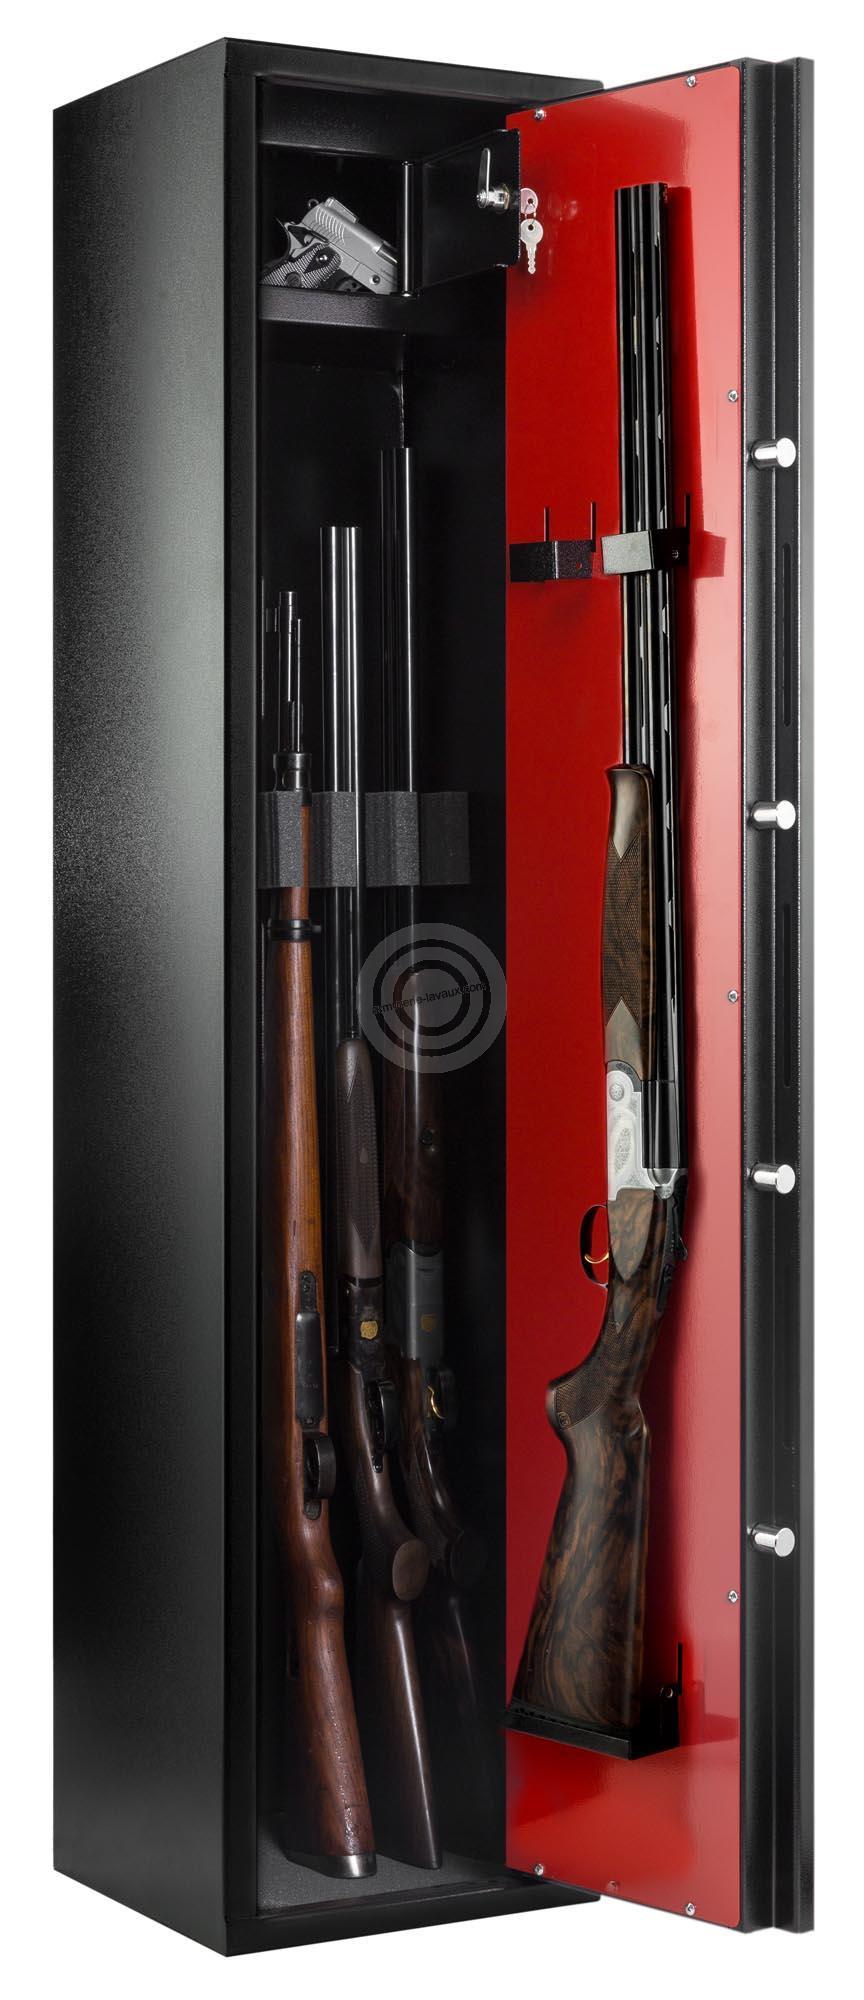 coffre pour armes rietti first 53kg 7 armes coffres. Black Bedroom Furniture Sets. Home Design Ideas